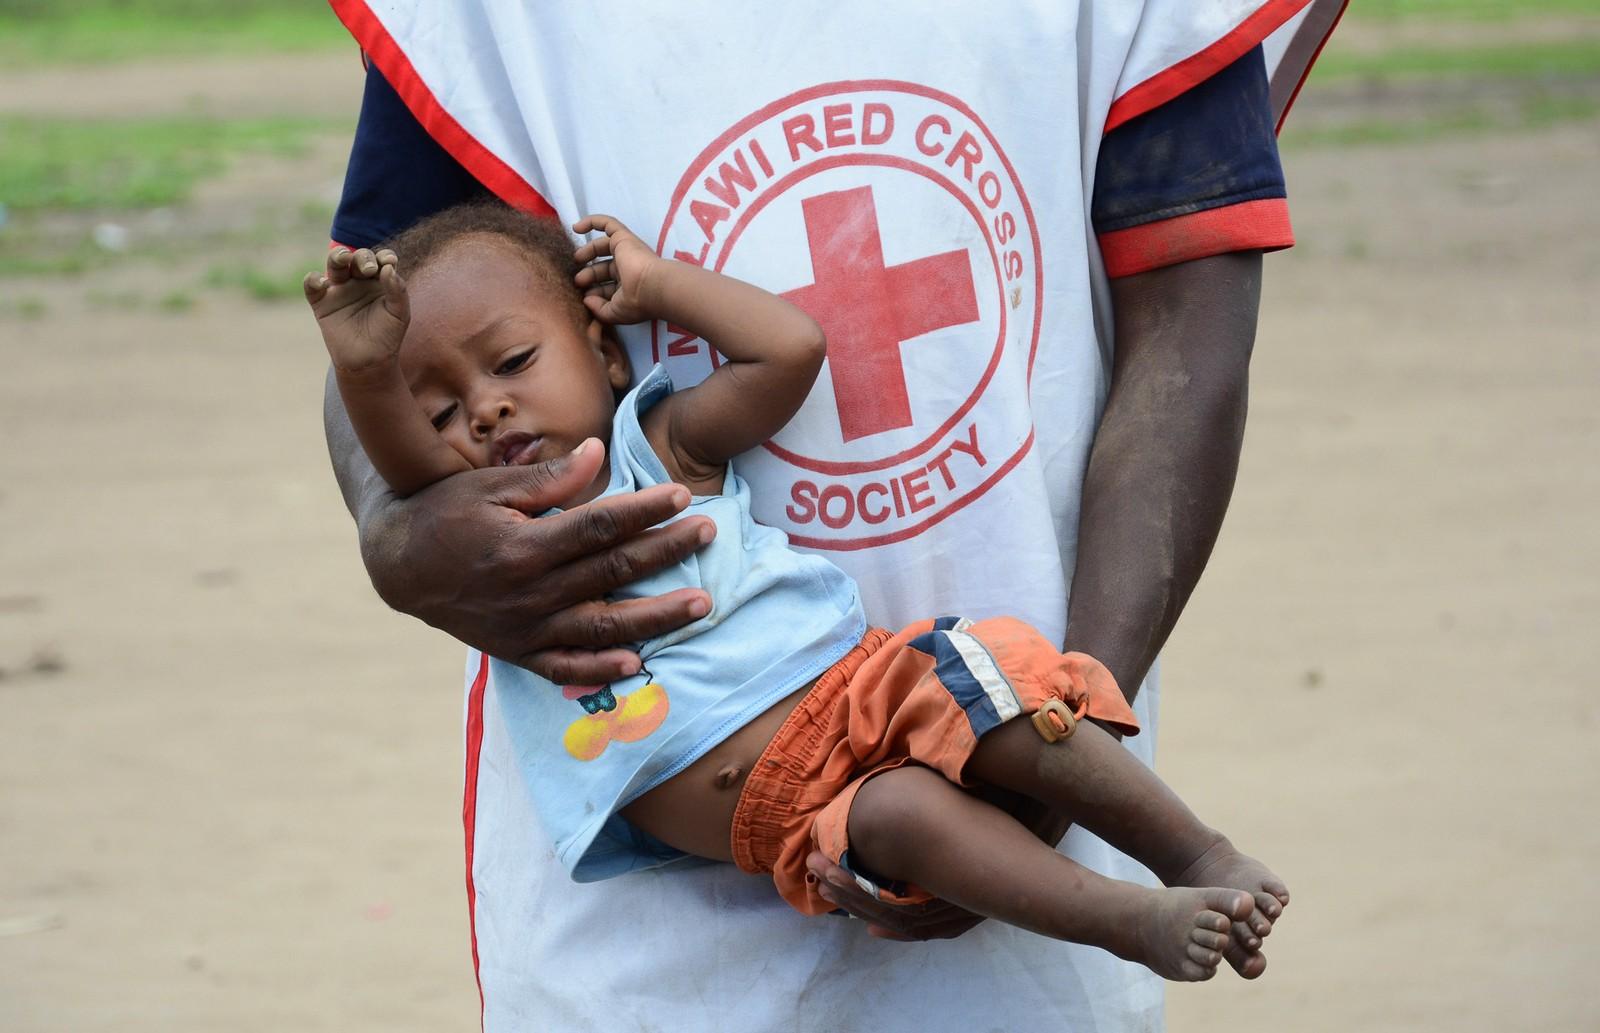 En helsearbeider tar hånd om et barn som ble funnet gående alene nær en flyktningleir i Chikwawa-distriktet.